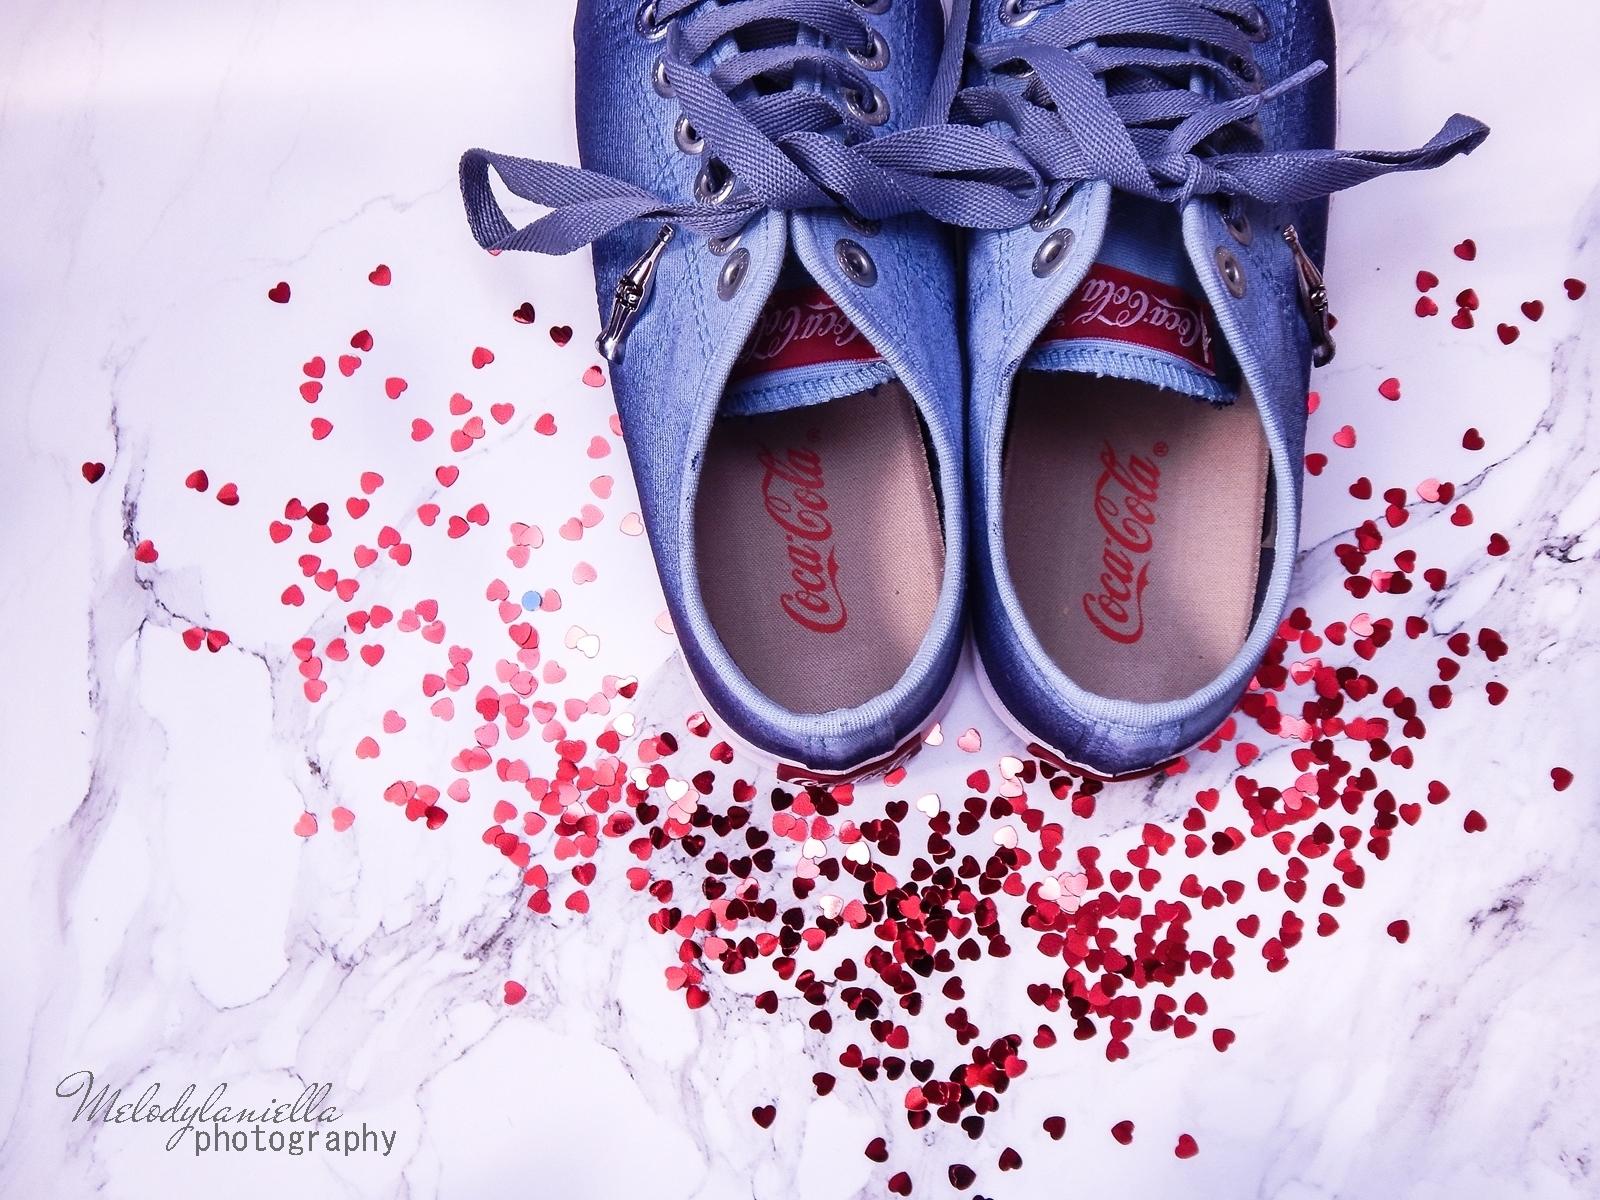 16 buty łuków baleriny tenisówki mokasyny sandały z ponopnami trzy modele butów modnych na lato melodylaniella recenzje buty coca-cola szare półbuty z kokardą buty na wesele buty do sukienki moda